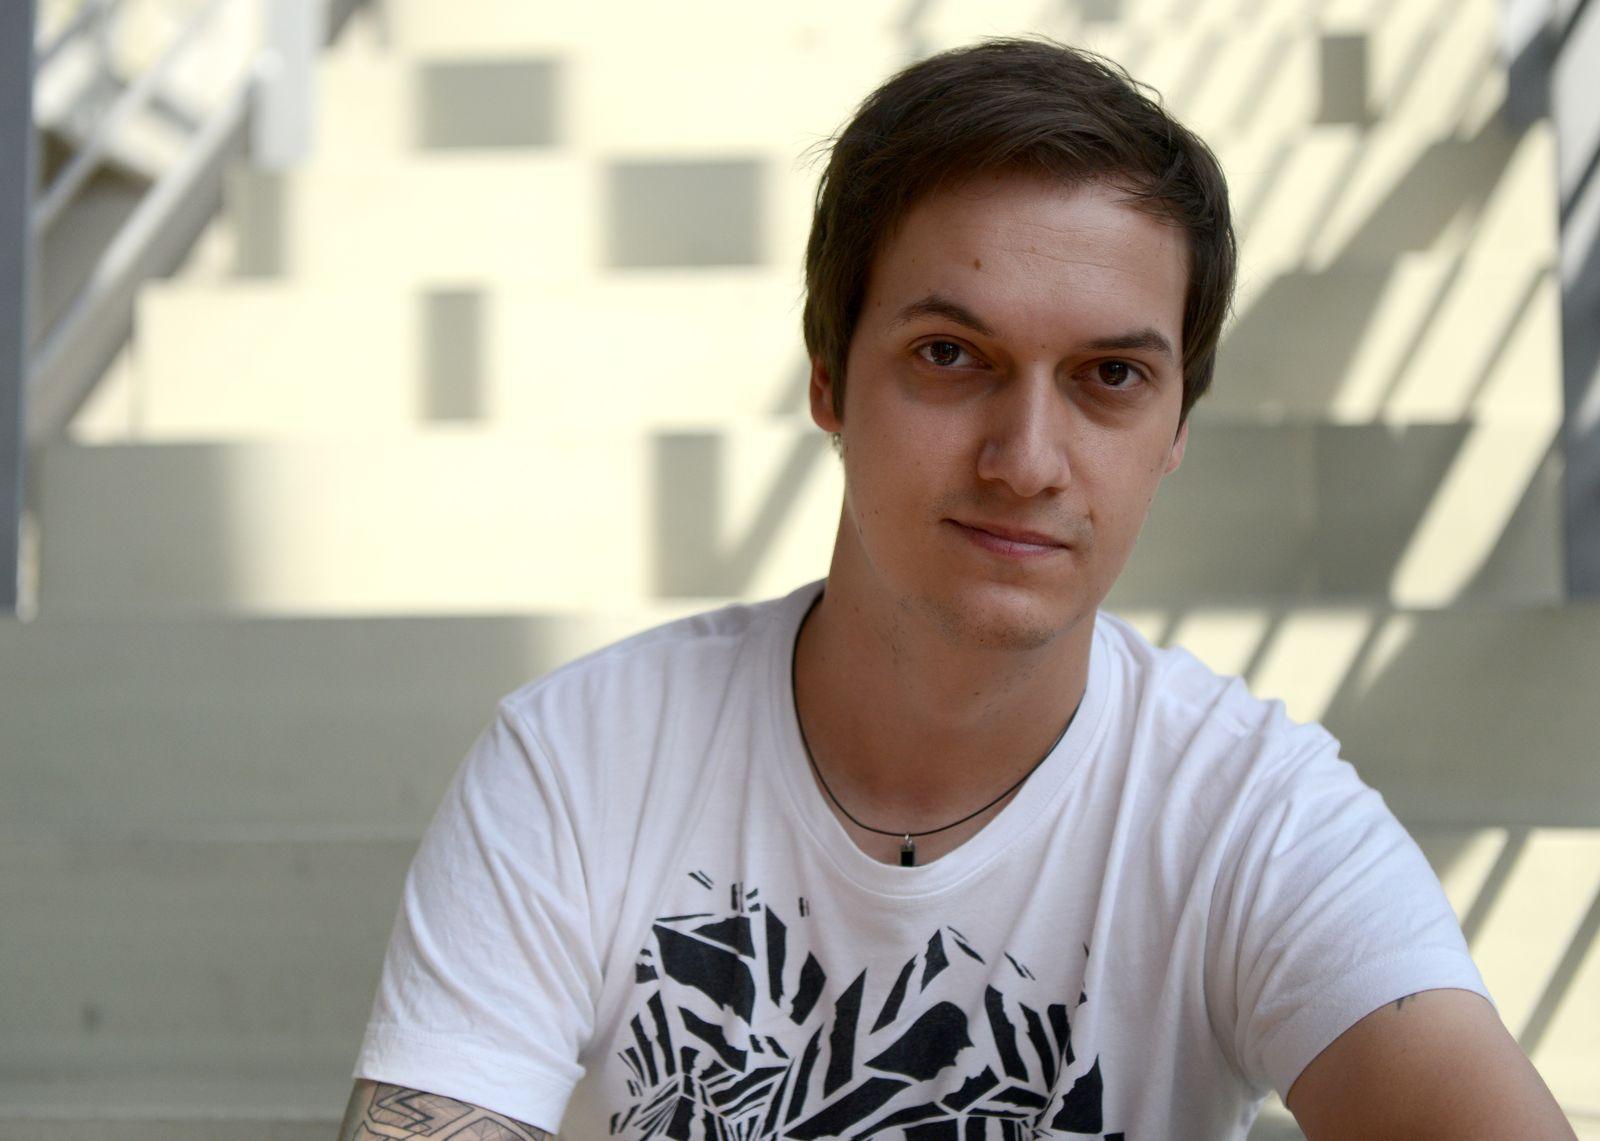 Florian Mundt